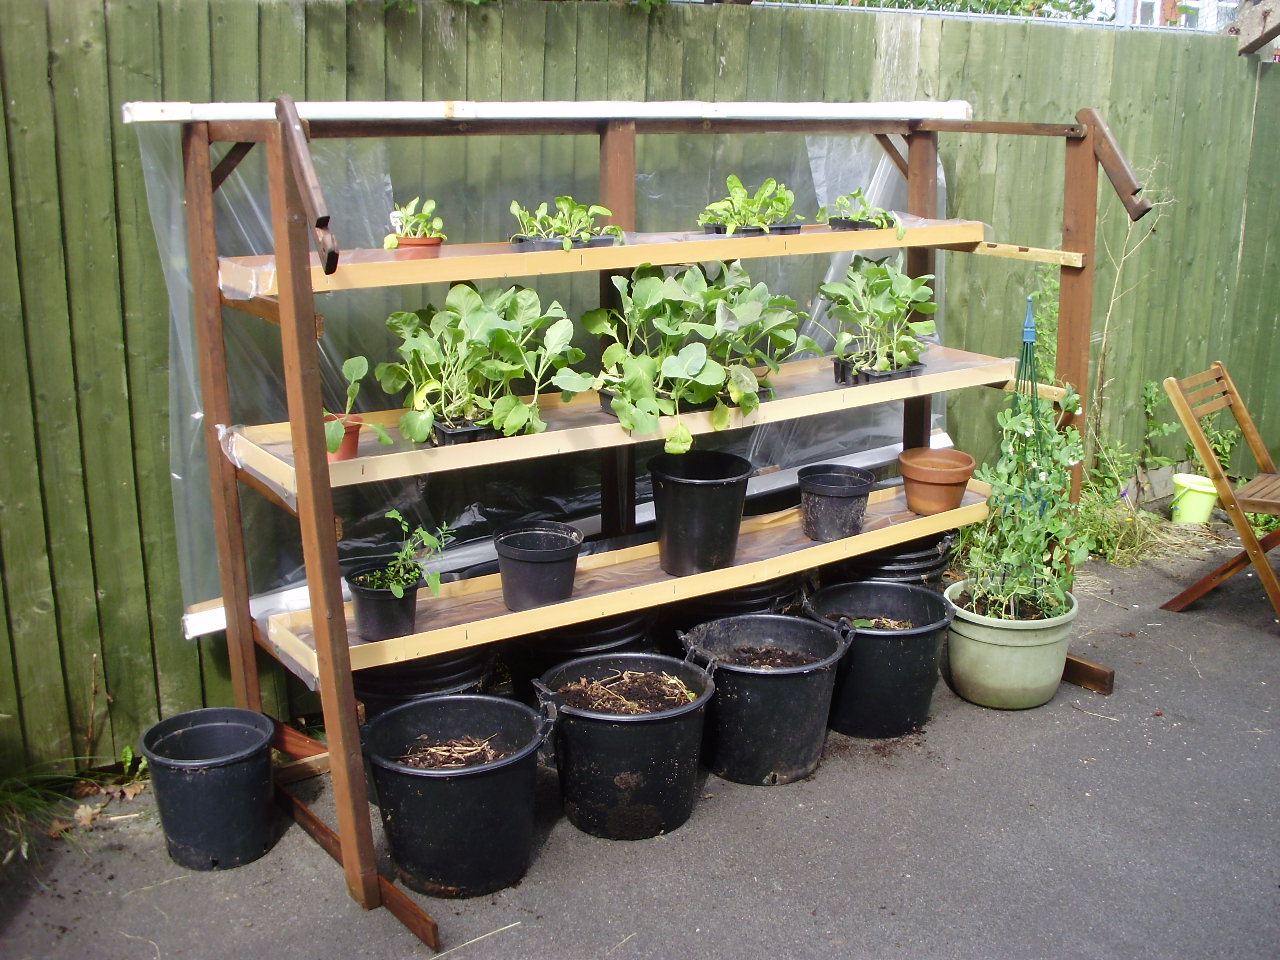 Vertical garden made from scrap materials